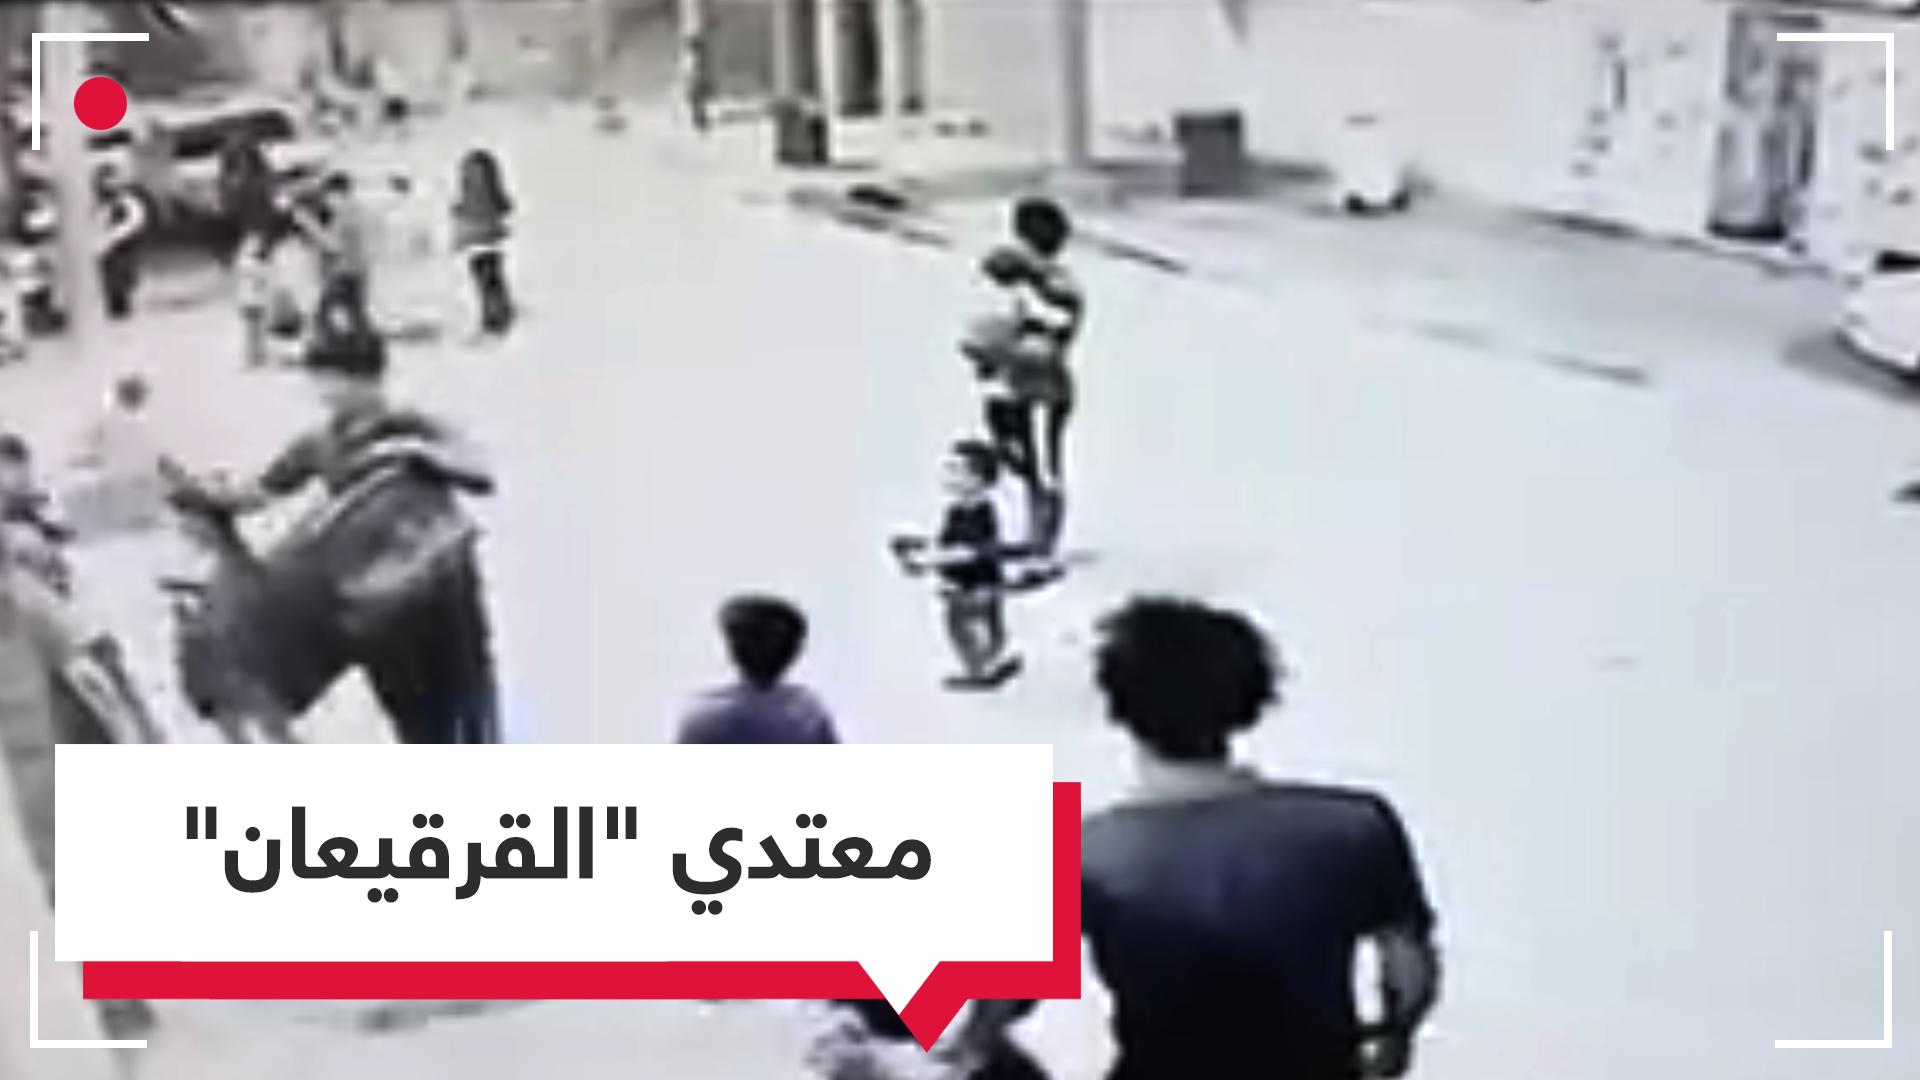 قنبلة دخان بدلا من العيدية.. عراقي غاضب يلقي قنبلة بوجه أطفال يحتفلون في الشارع